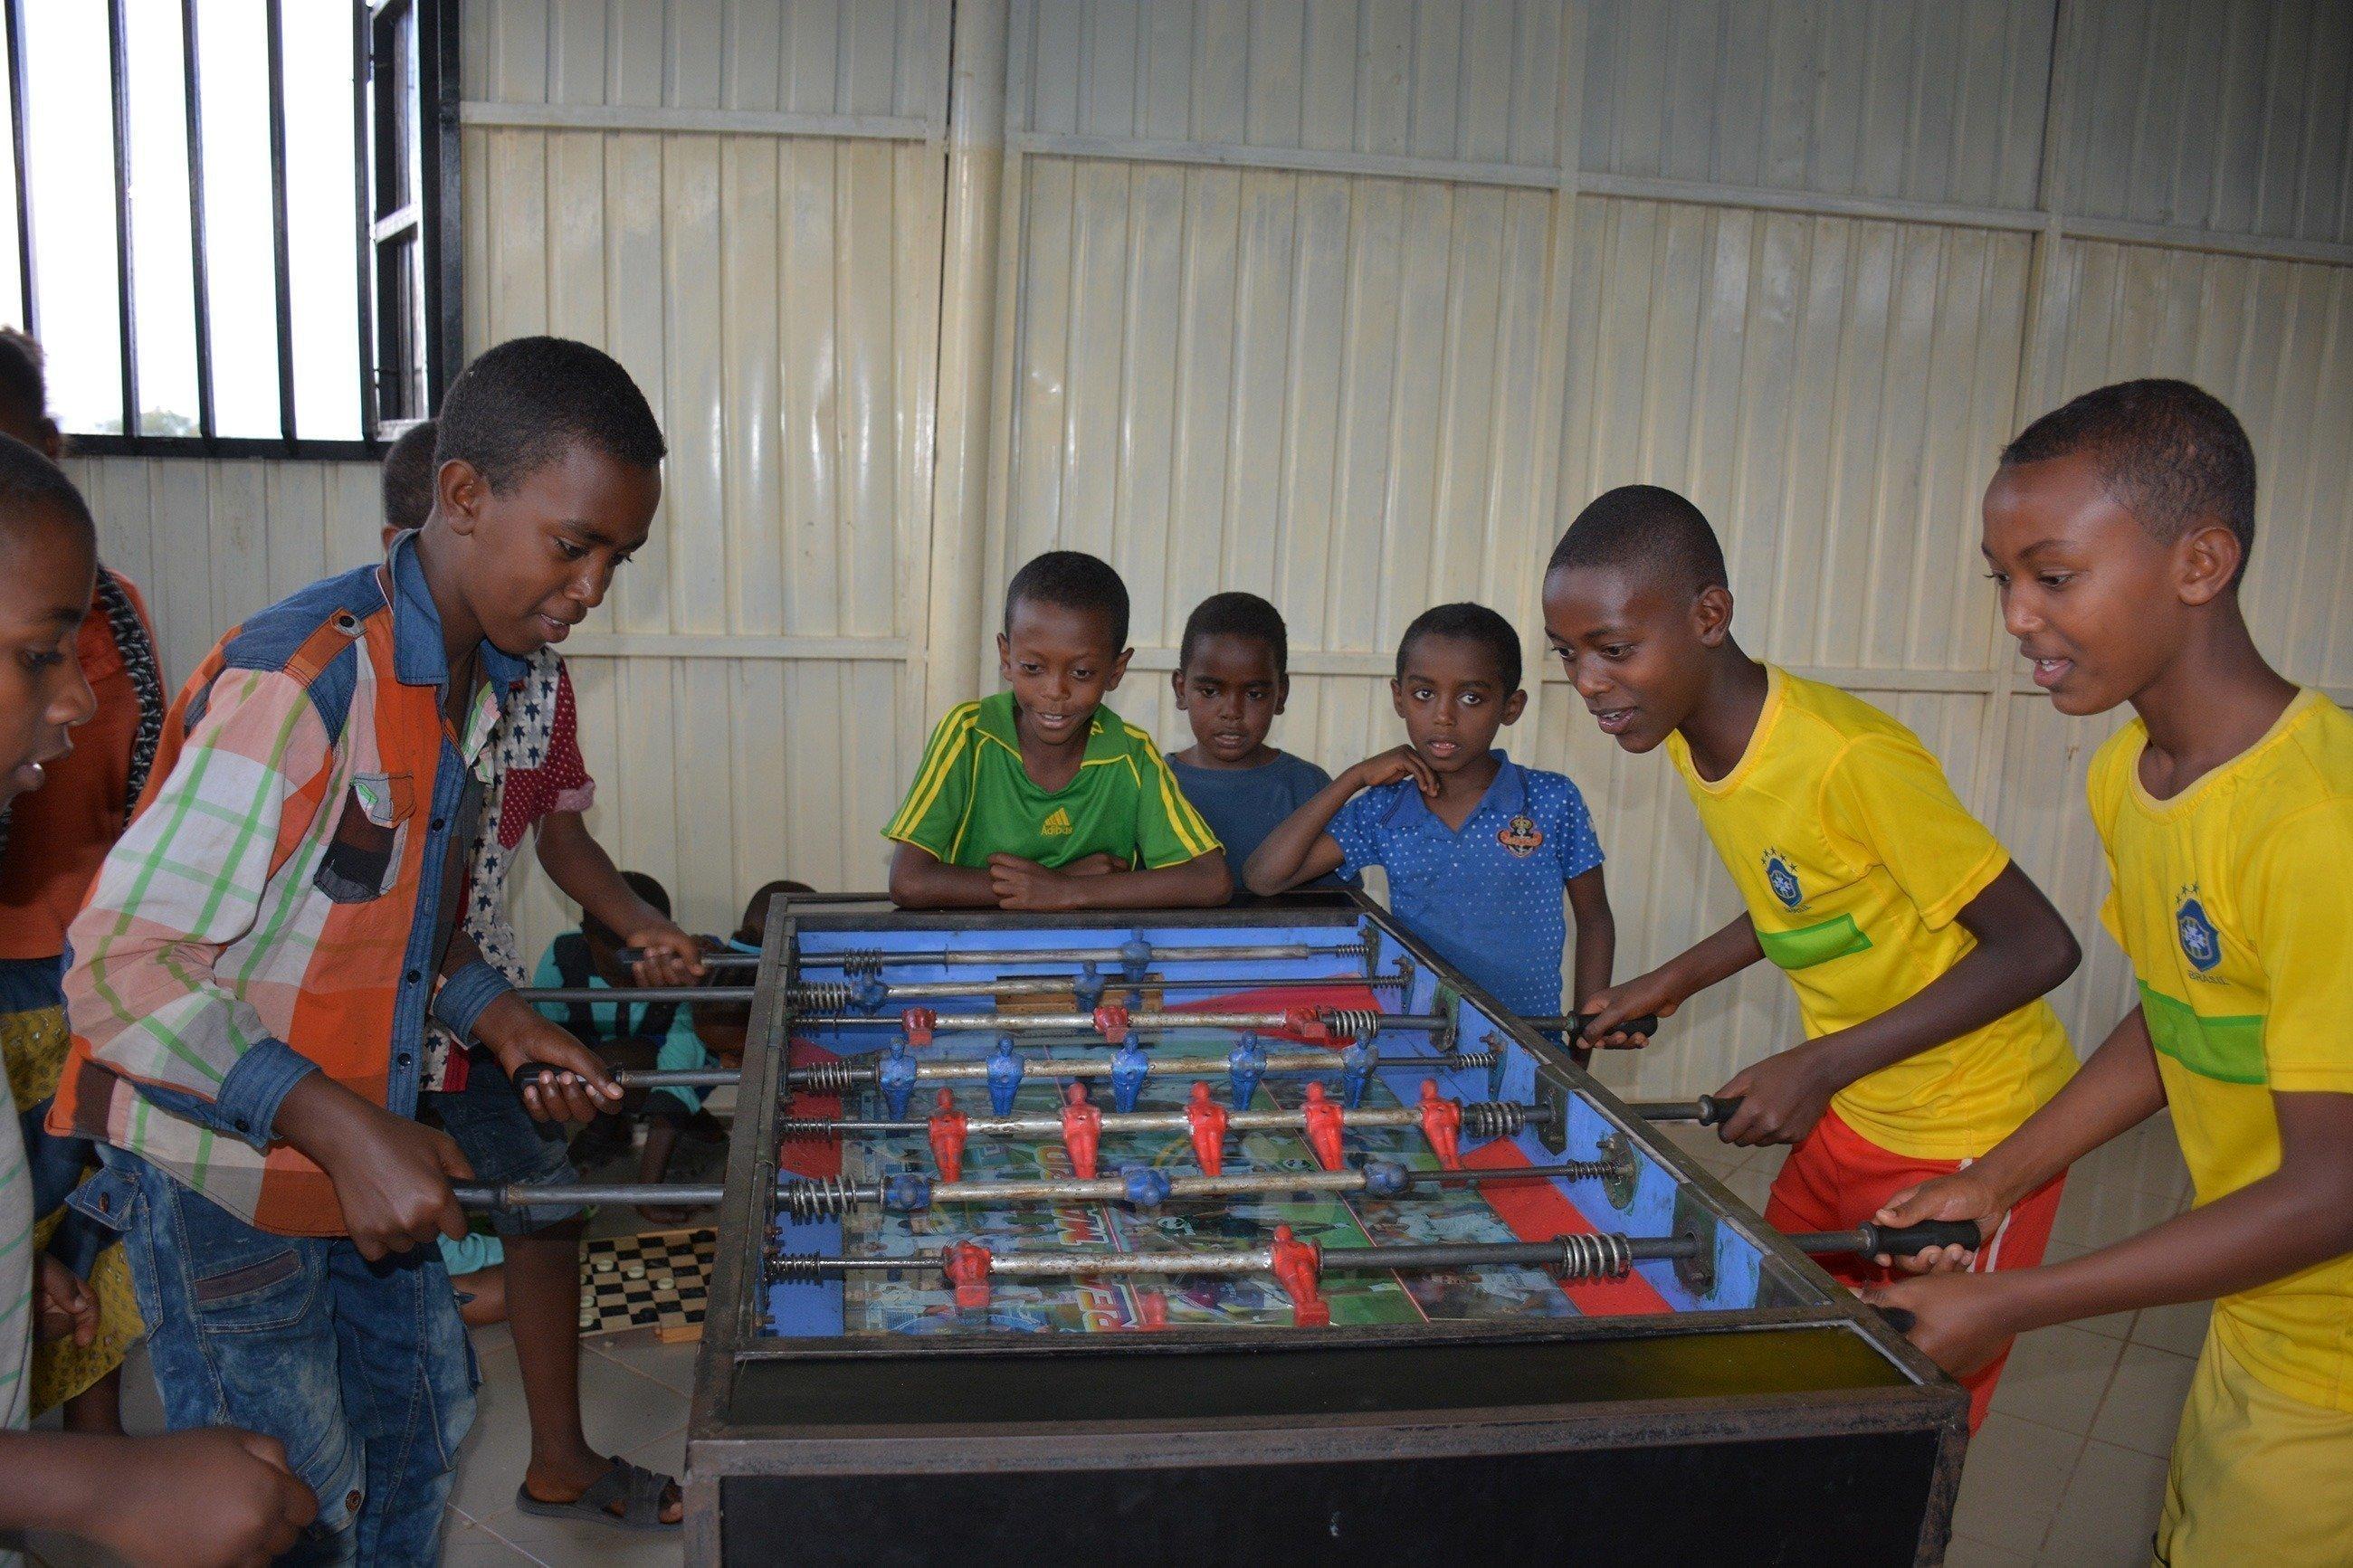 Un gruppo di bambini che giocano.